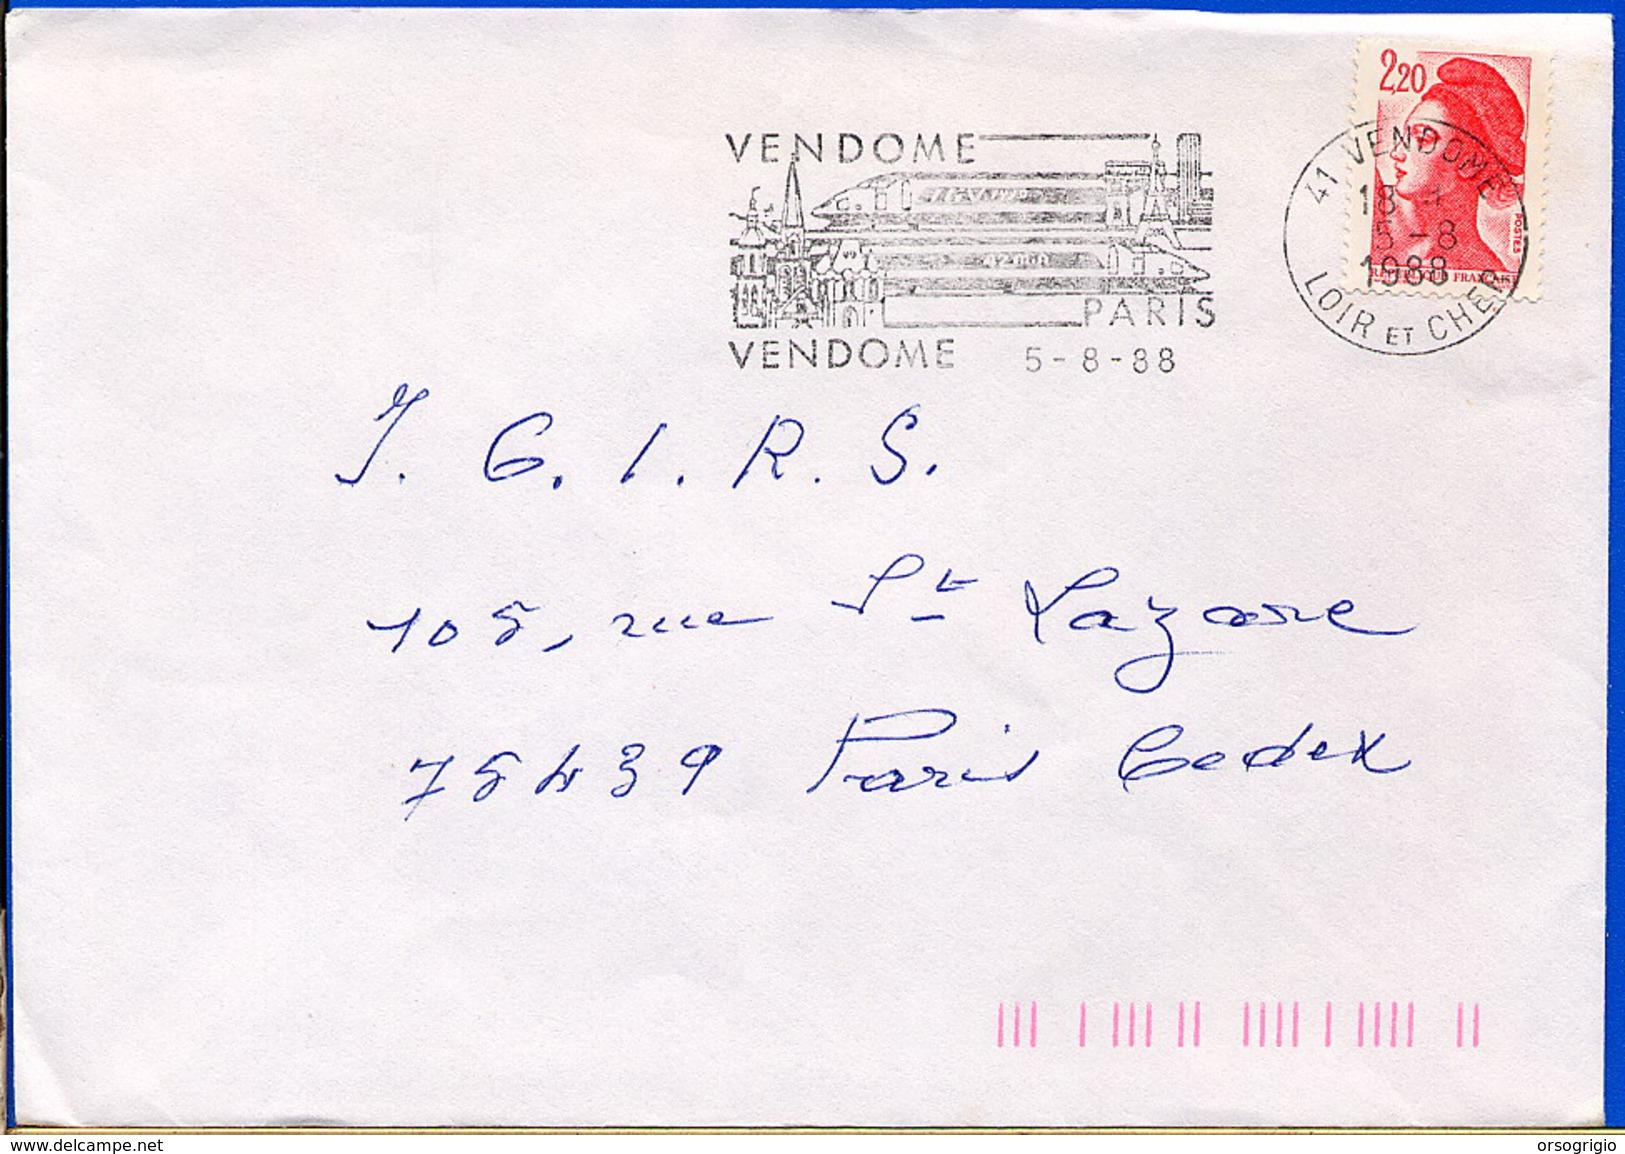 FRANCE - Flamme -   VENDOME - TGV -  TOUR EIFFEL - Monuments